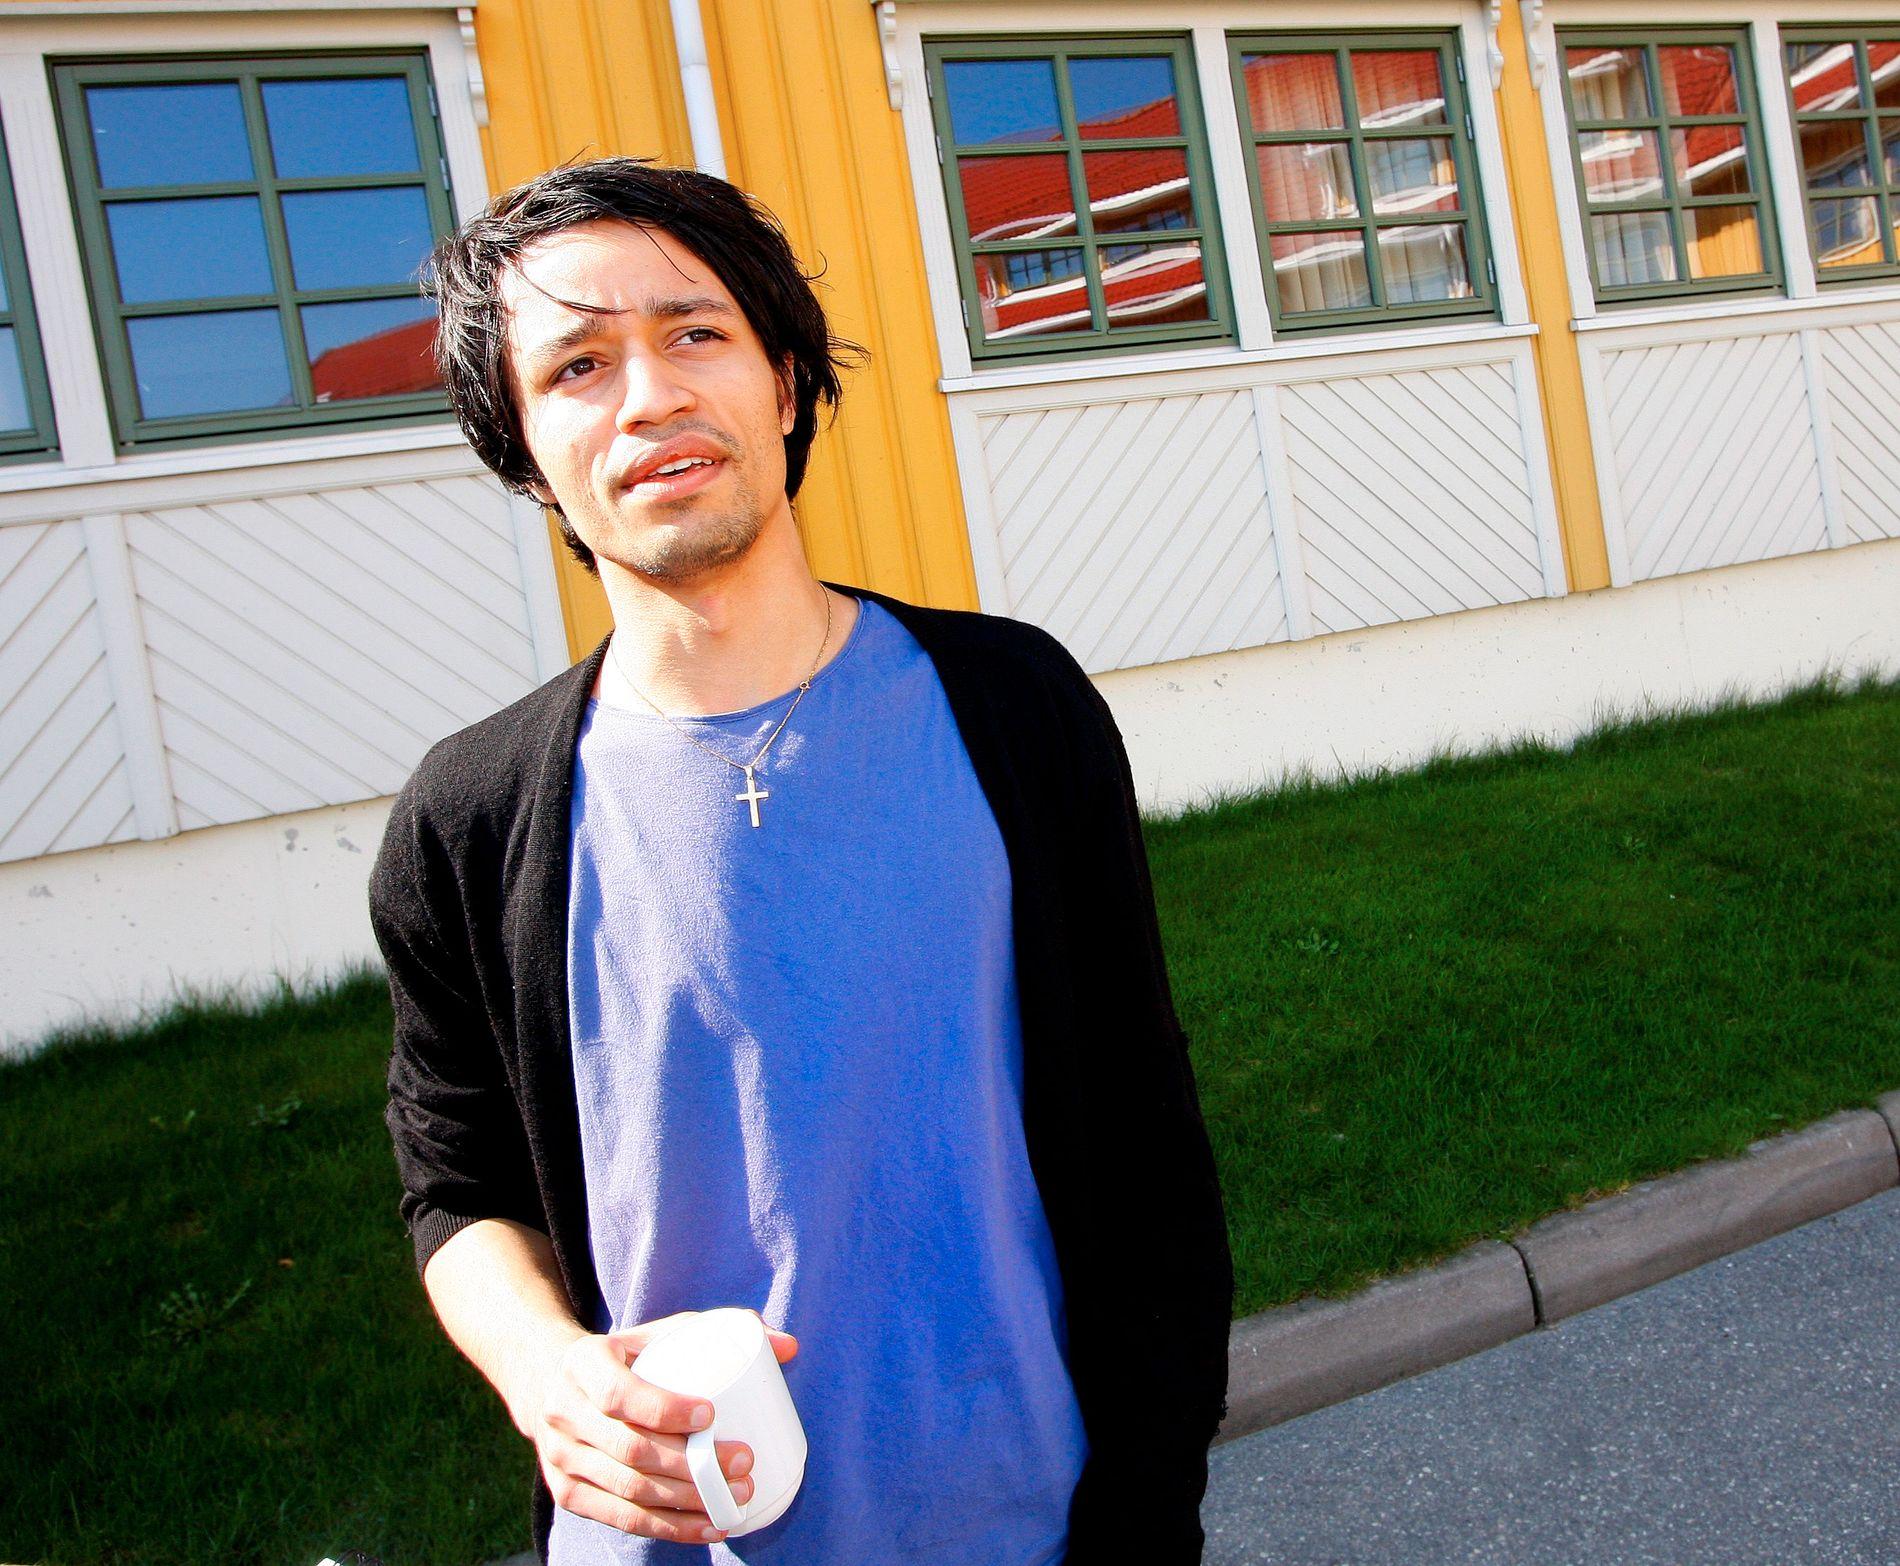 ROPSTADS FORLOVER: Rahim Nicolay Ali, her fotografert i forbindelse med et intervju i VG i 2009.